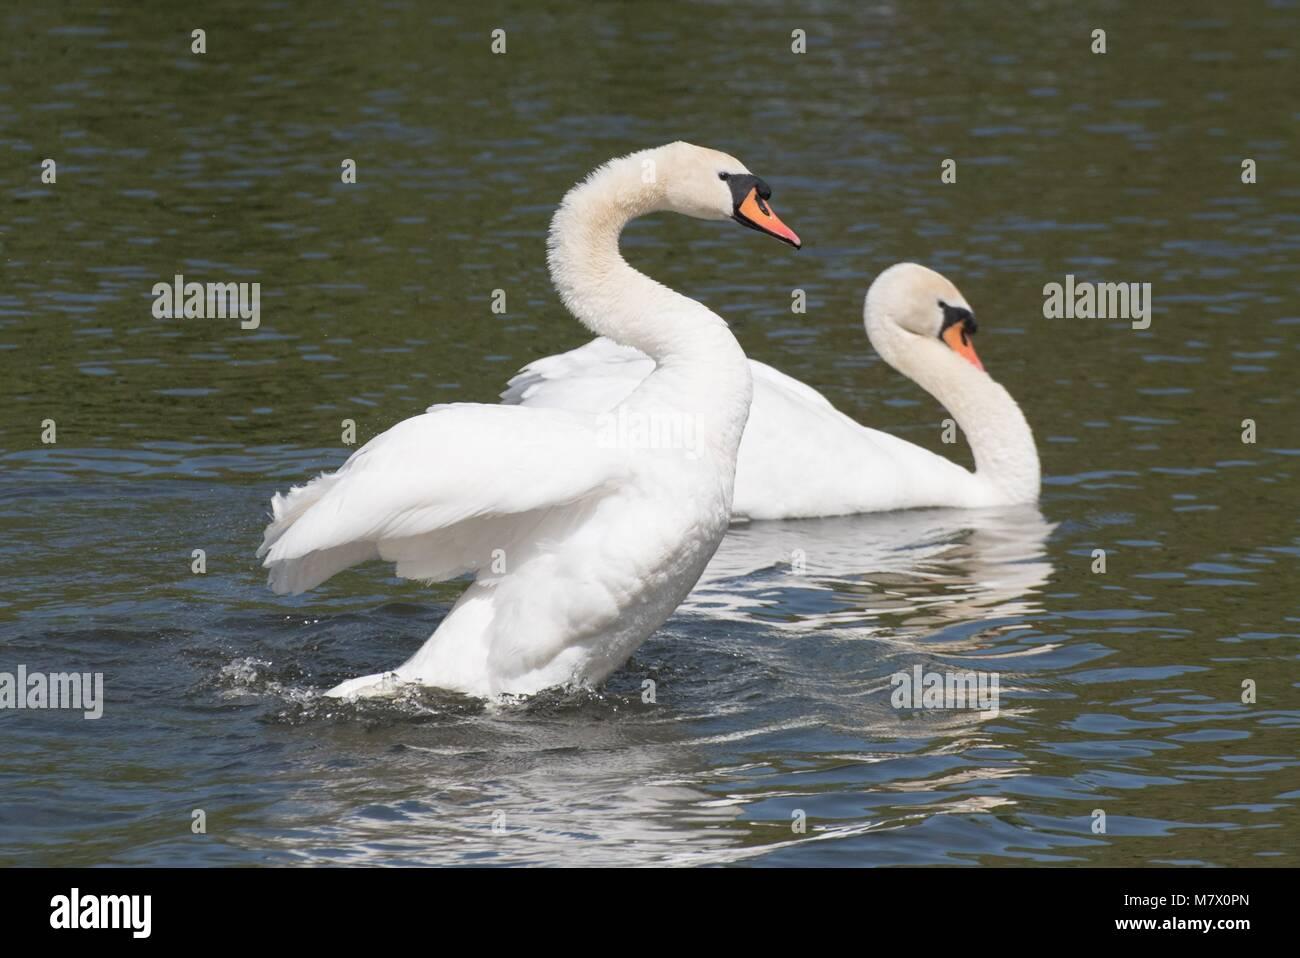 Passende paar Höckerschwäne schwimmen nebeneinander und scheinen eine robuste Argument zu haben Stockbild